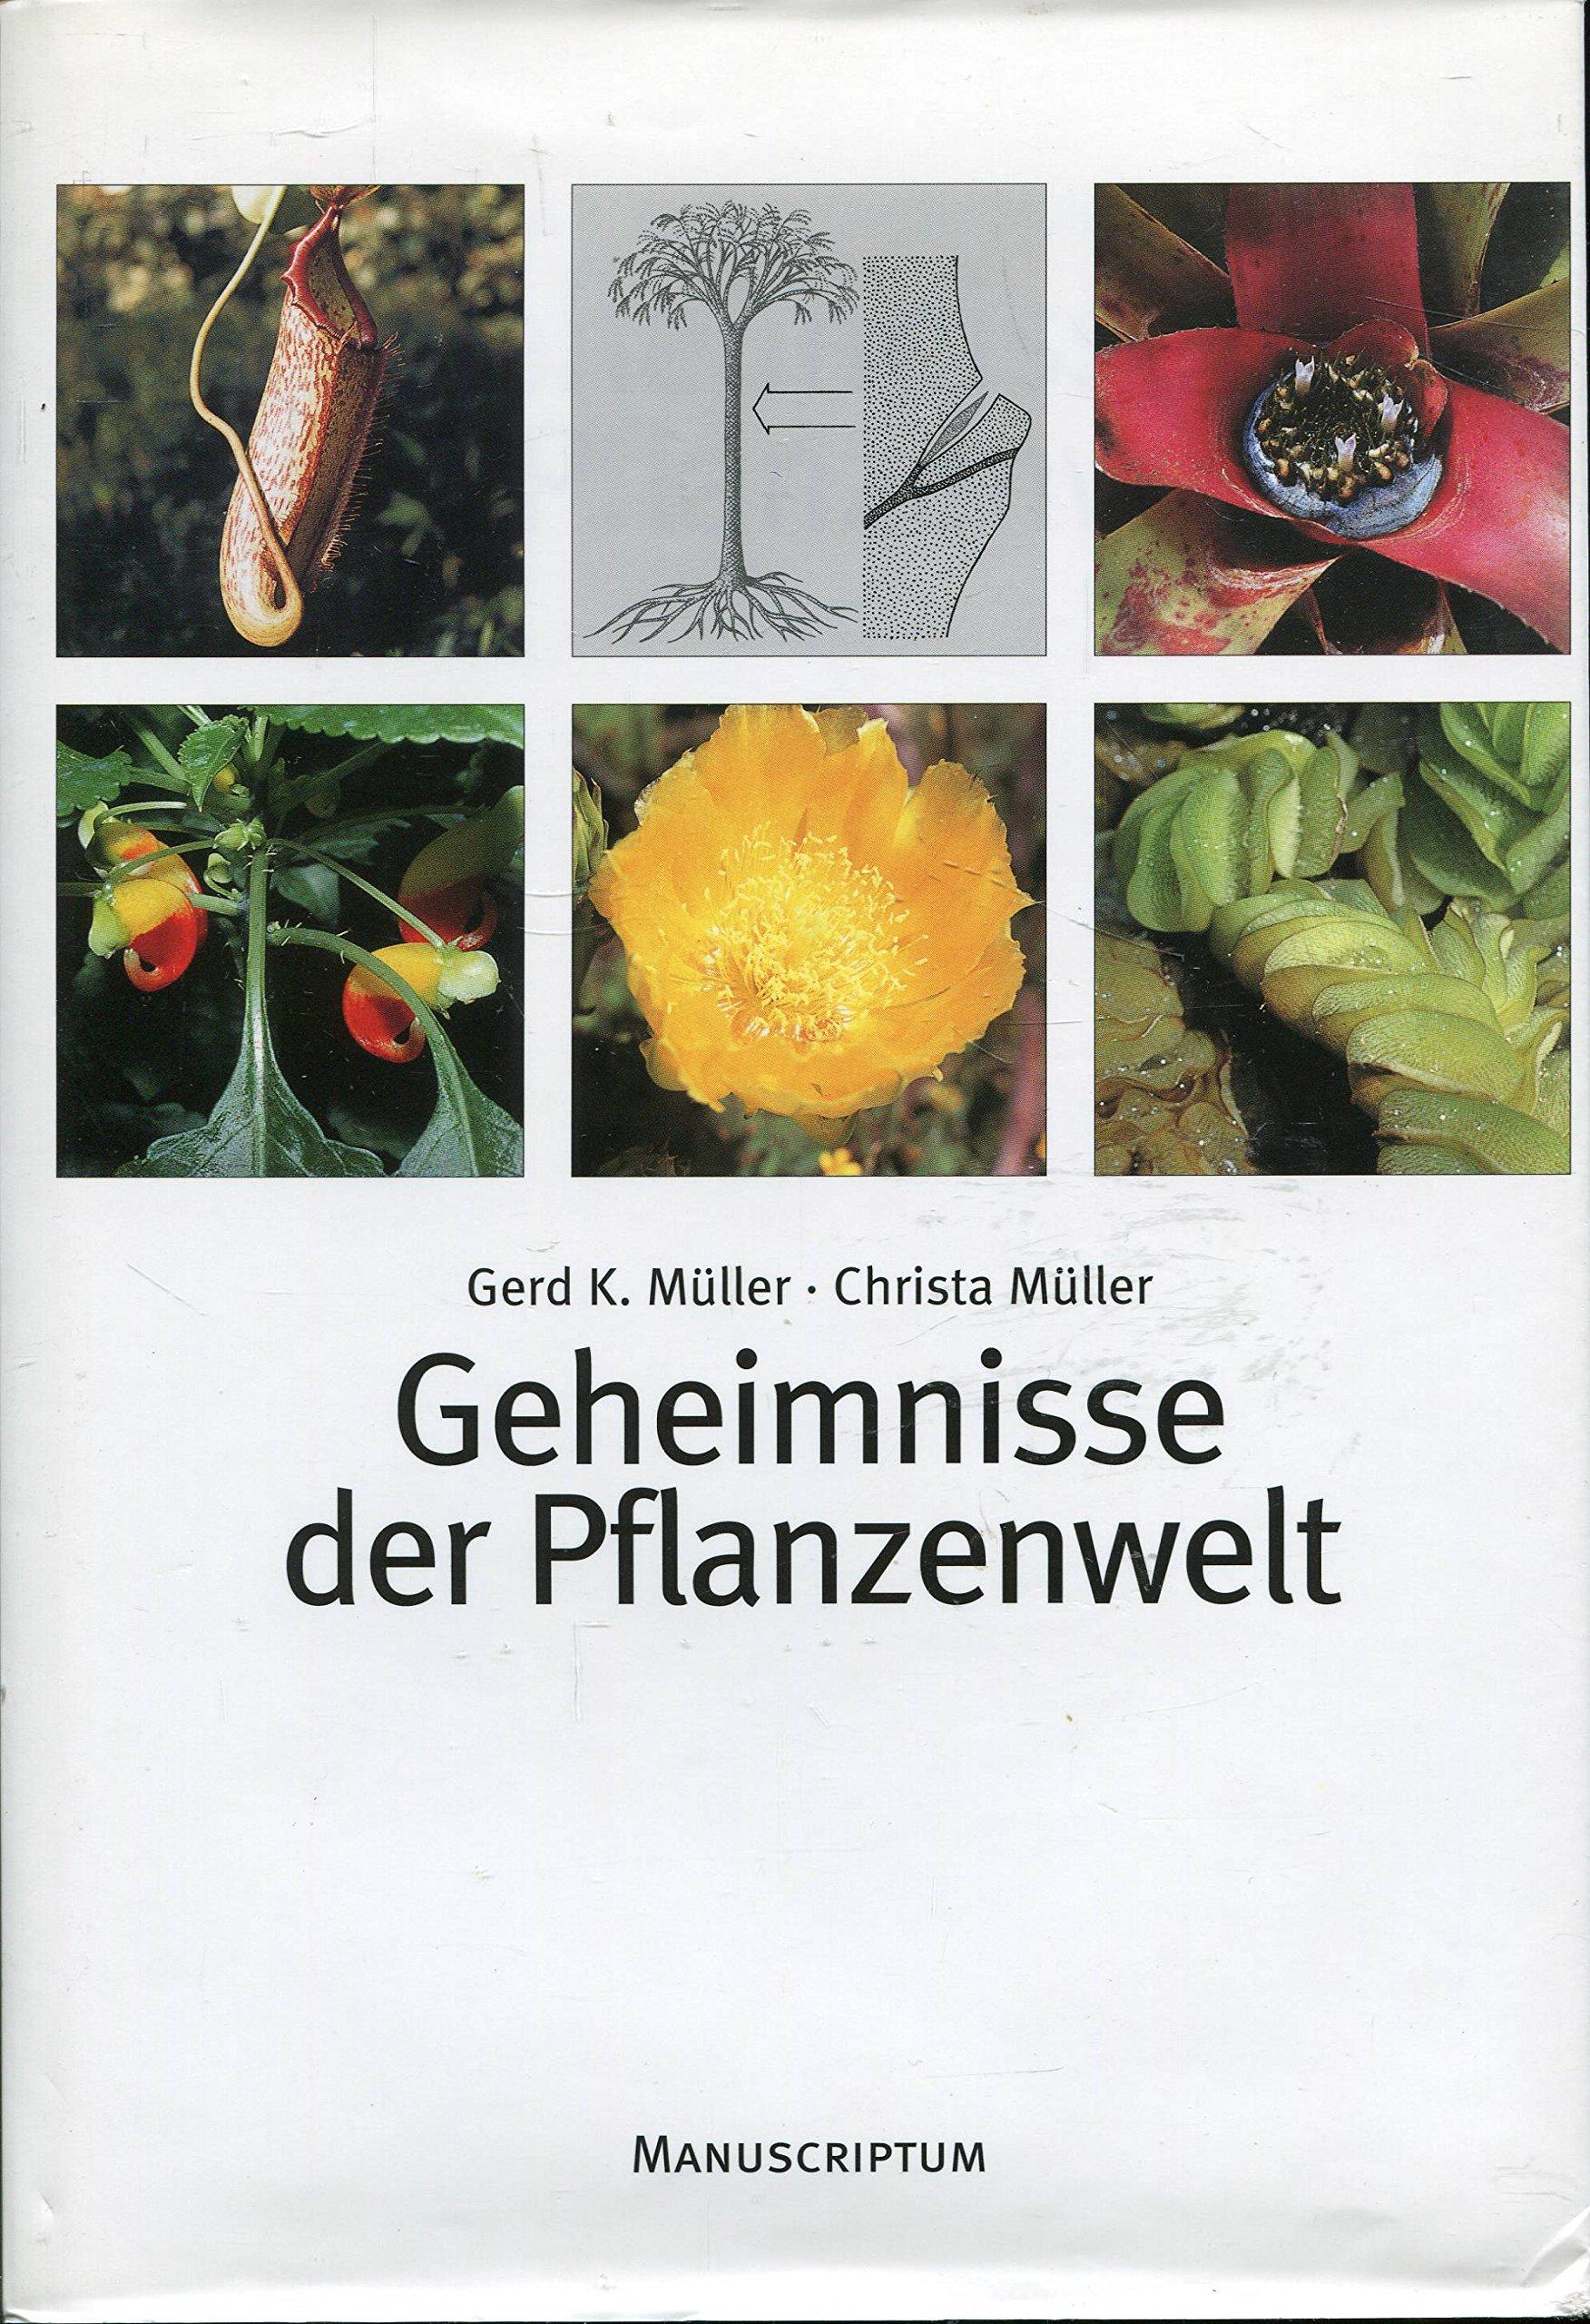 Geheimnisse der Pflanzenwelt